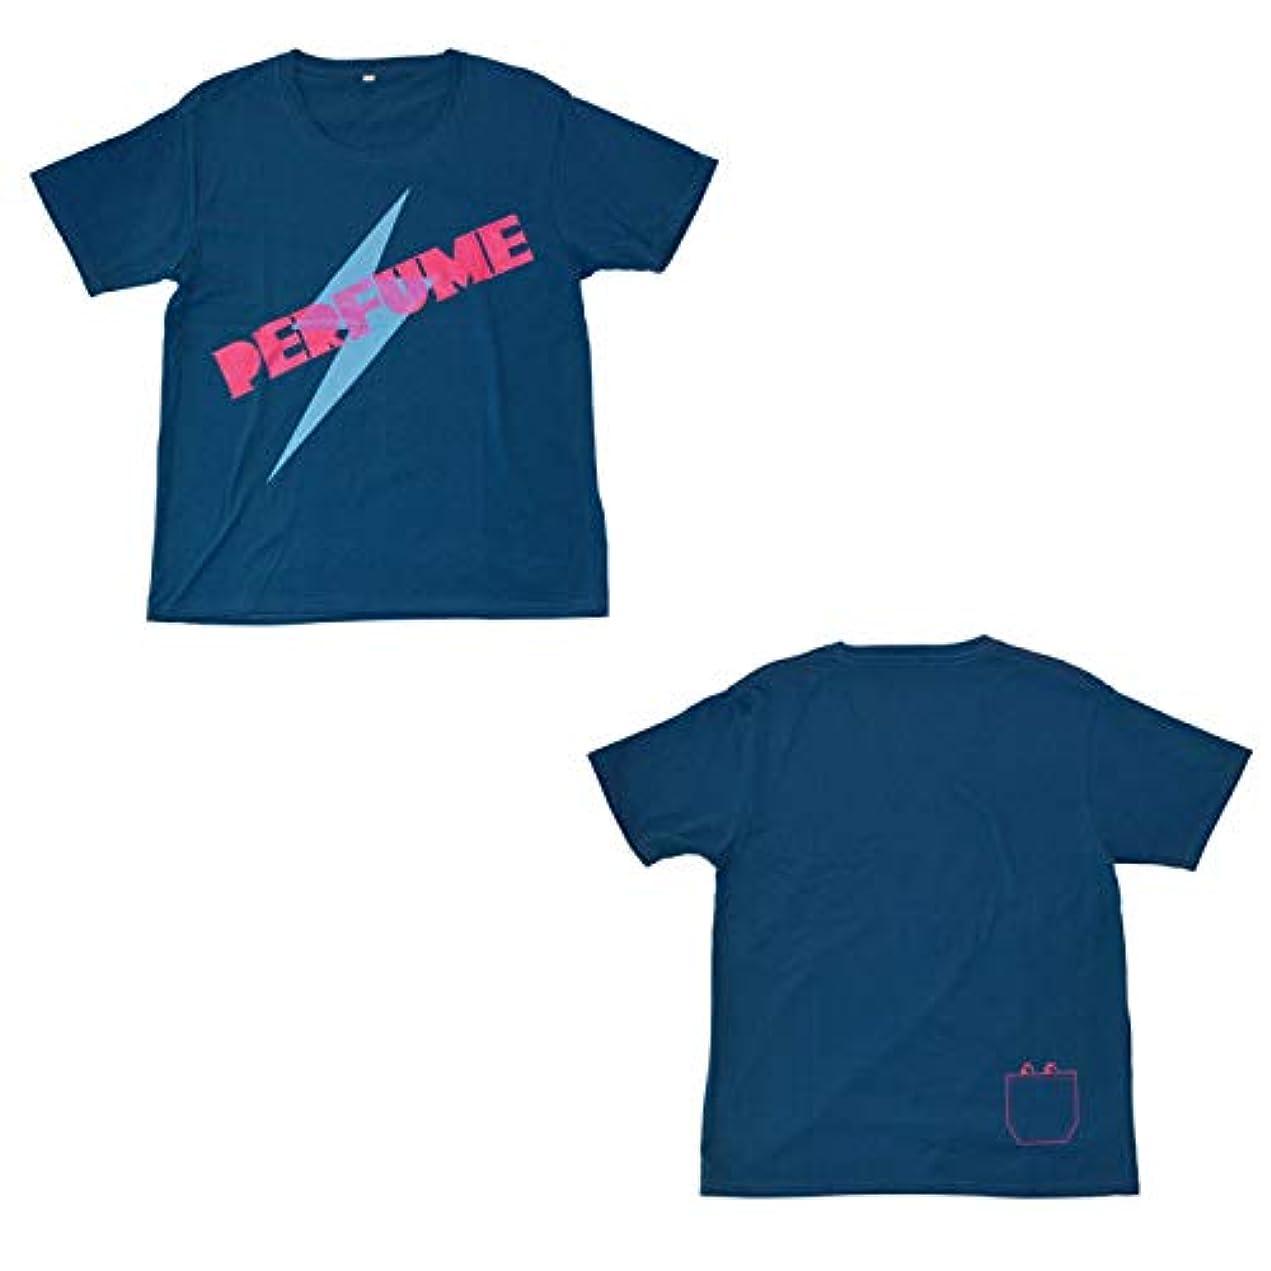 肉腫韻我慢するPerfume(パフューム) イナズマTシャツ Lサイズ 2010年